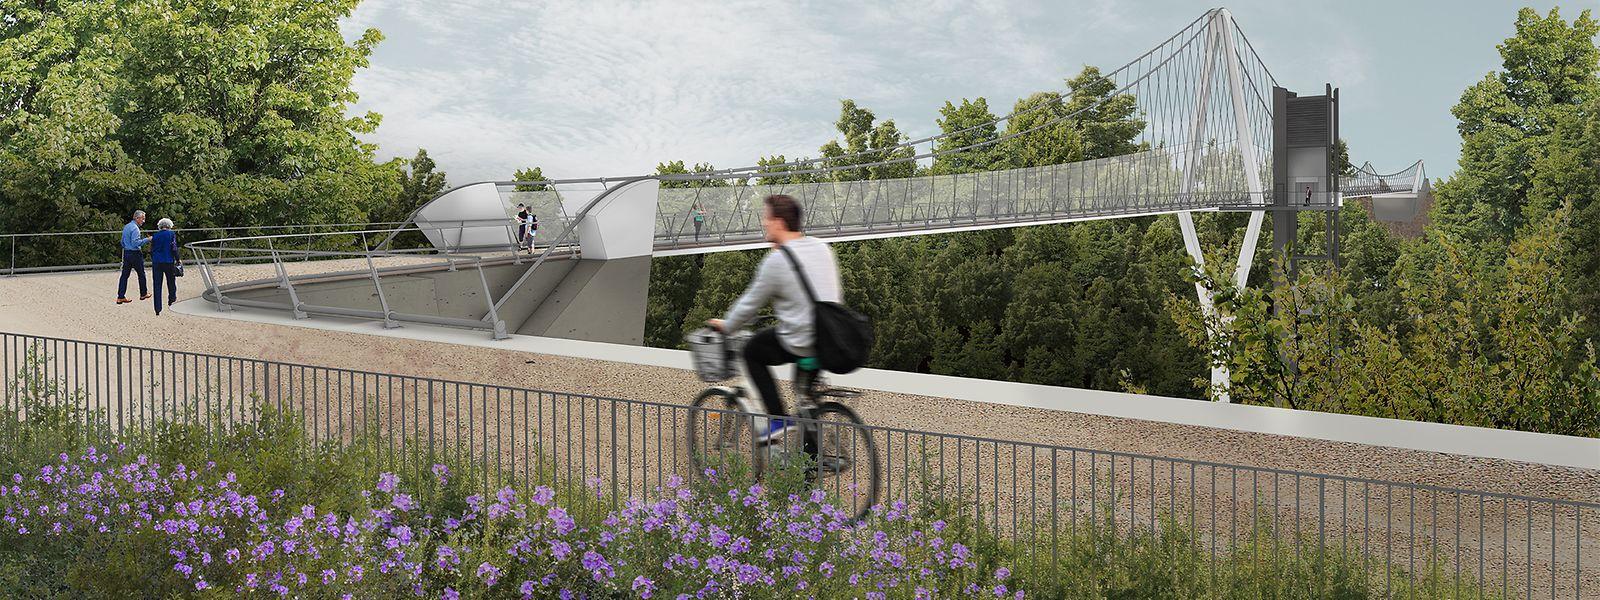 4,5 Meter Breite weist die Brücke auf.